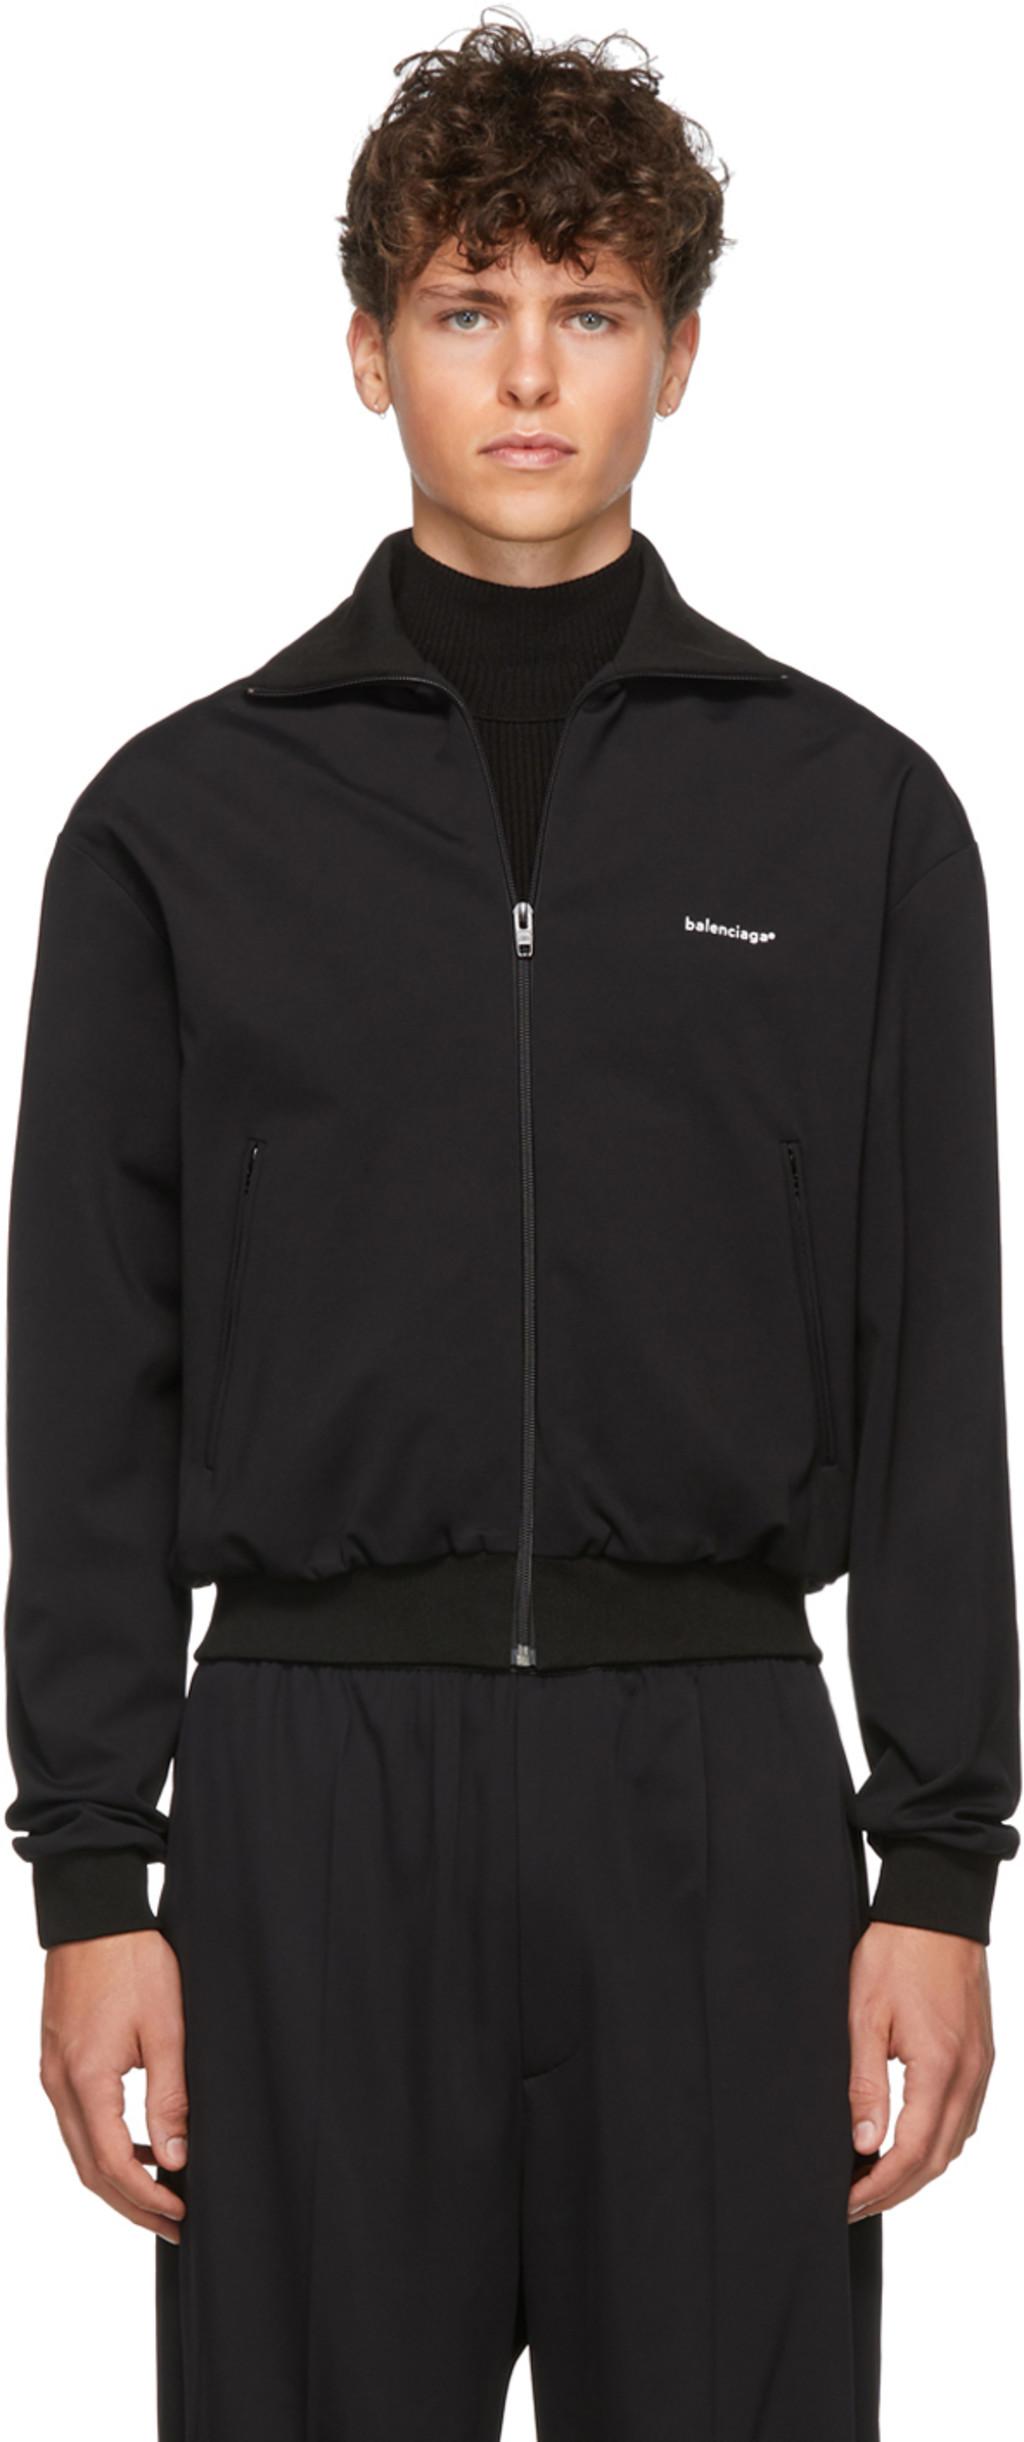 755f076d44069 Black Crepe Jersey Zip-Up Jacket